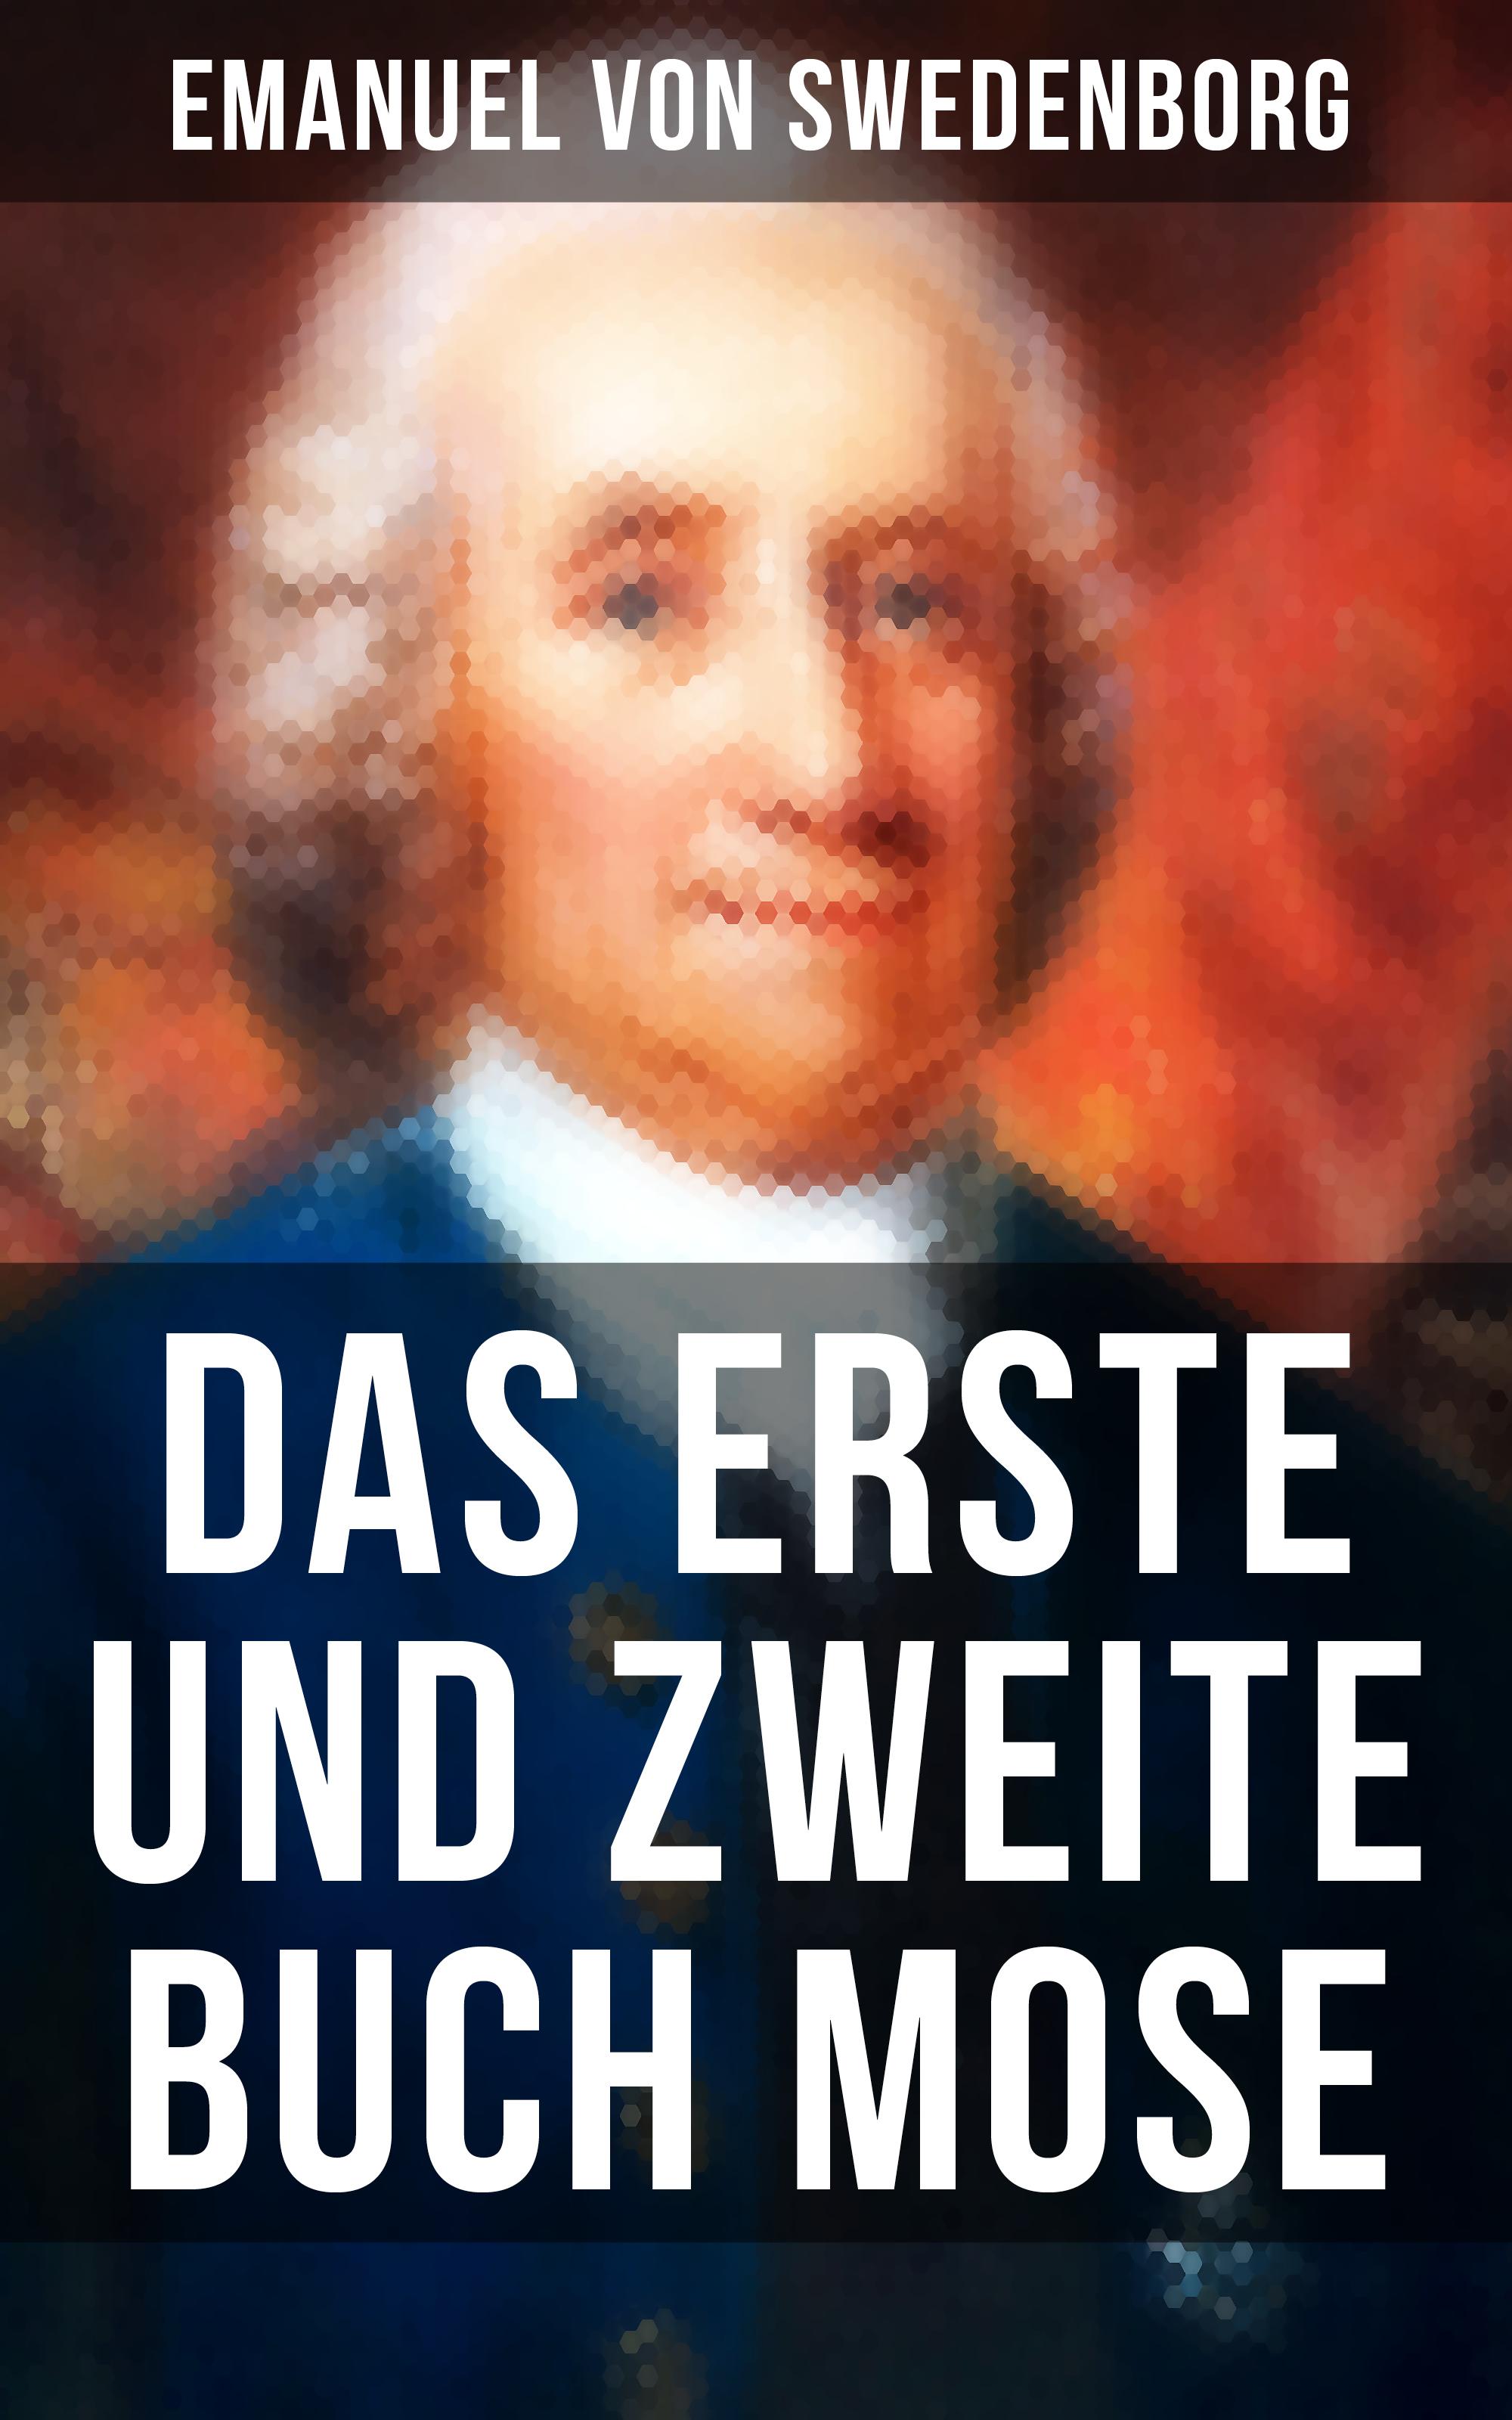 Emanuel von Swedenborg Das Erste und Zweite Buch Mose mose allison mose allison mose sings